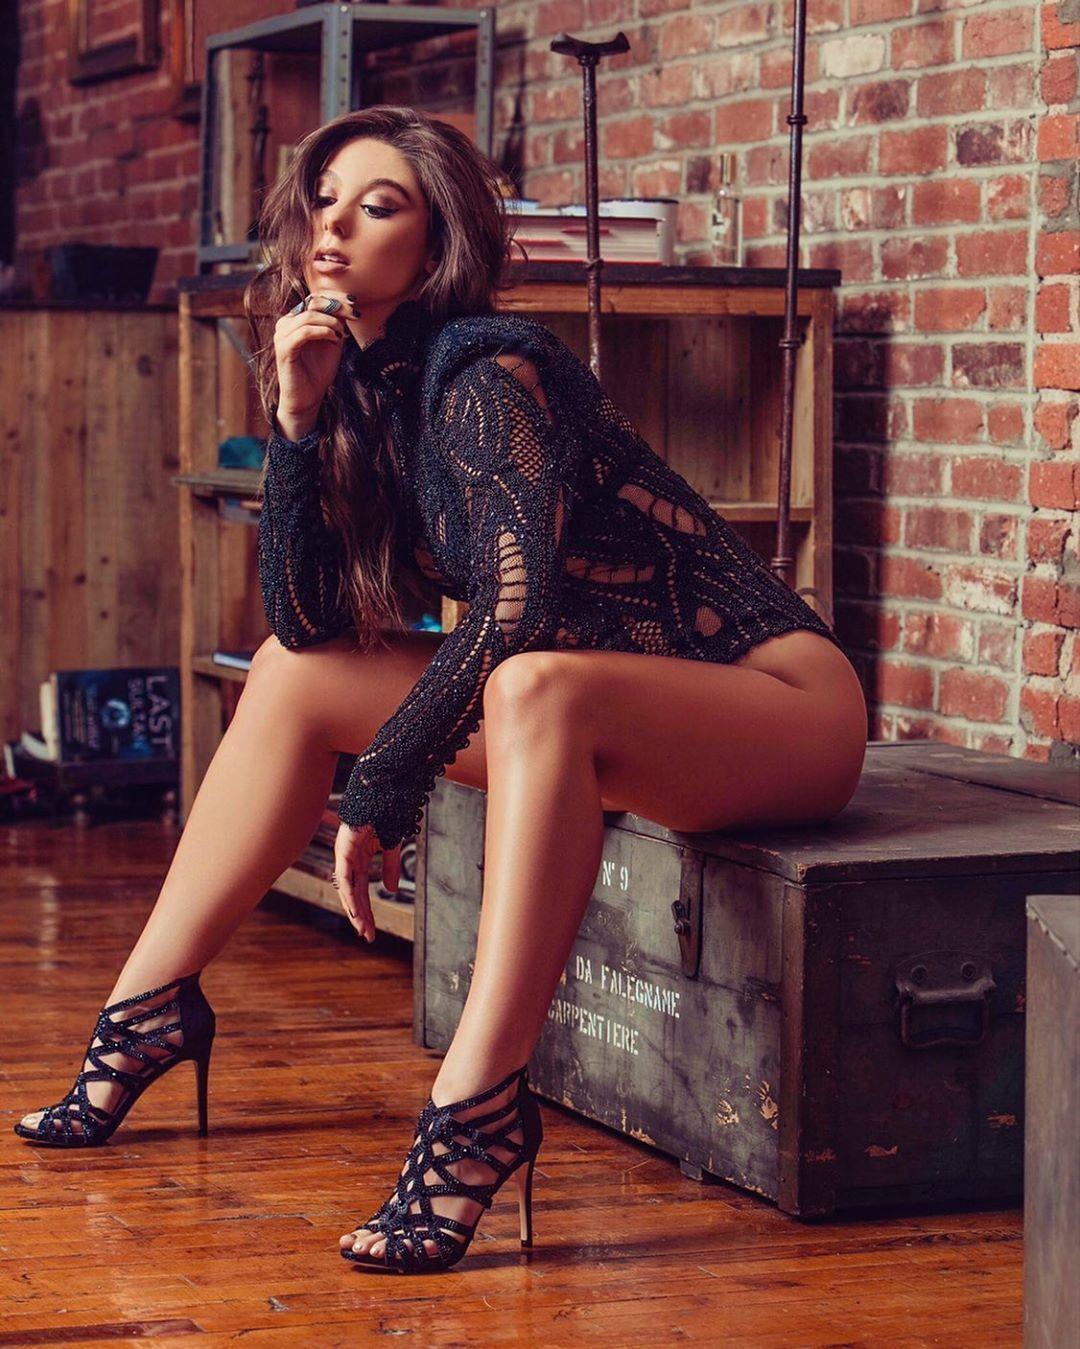 Kira Kosarin ass photo (1)